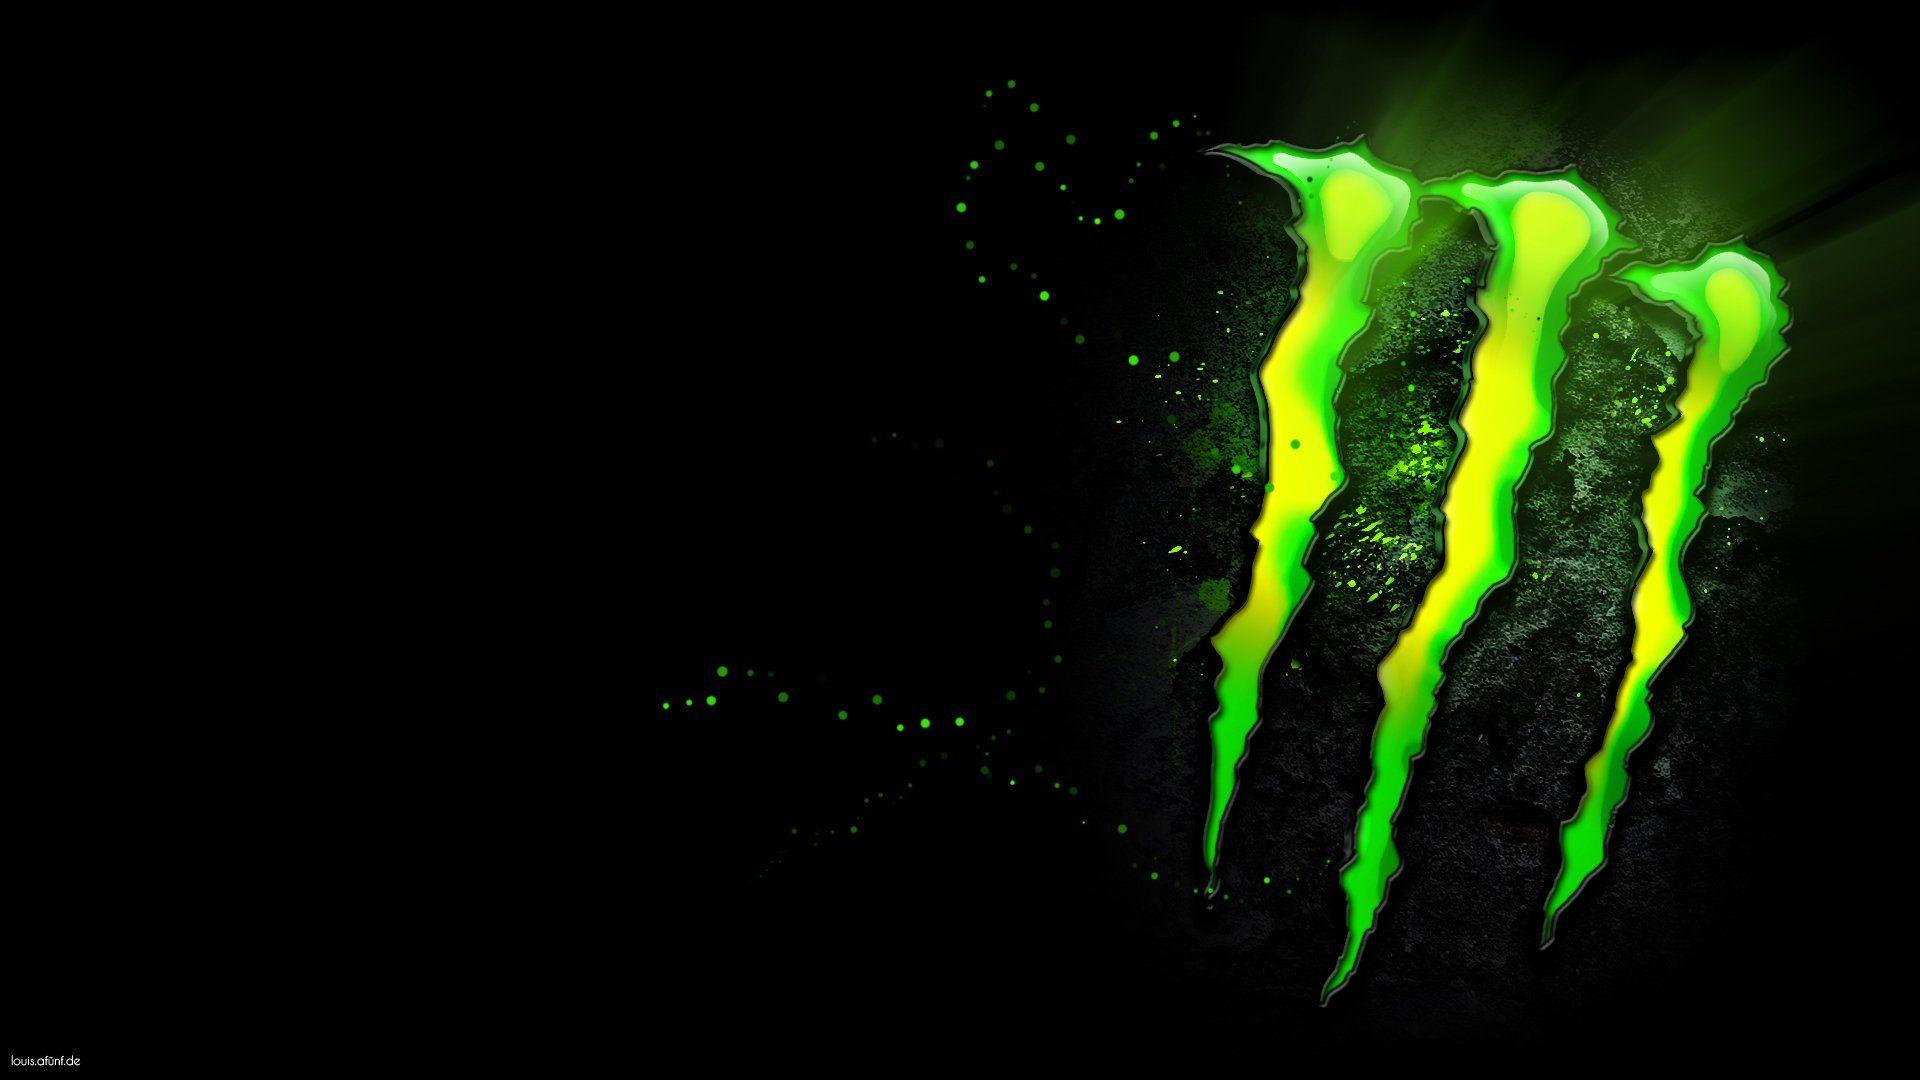 Monster Energy Wallpapers Hd Wallpaper Monsterenergie Monster Energy Bilder